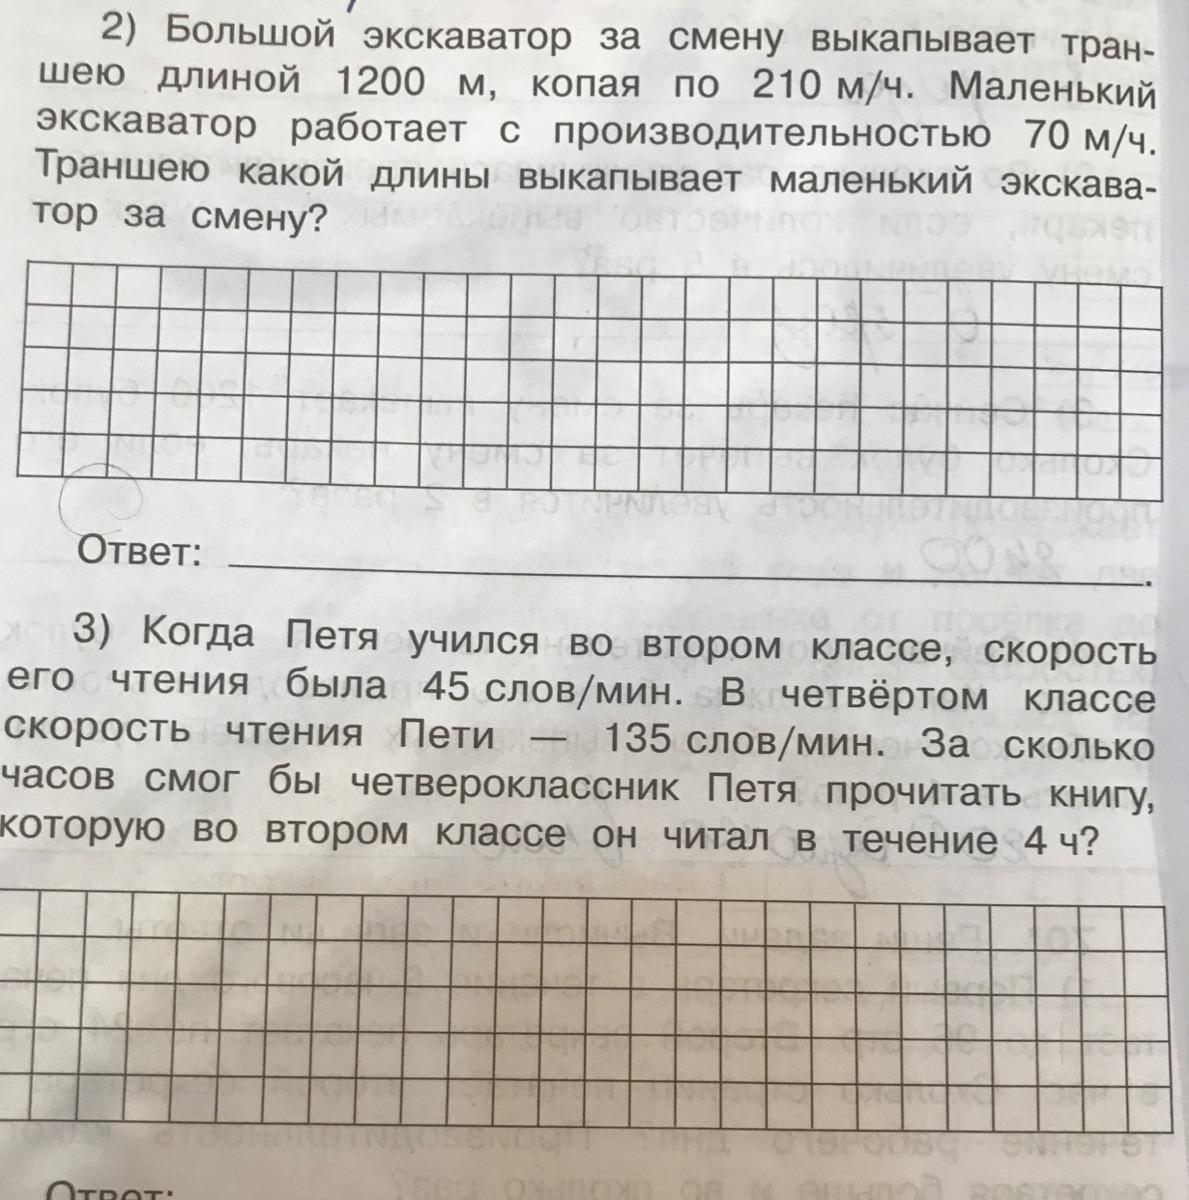 Помогите с задачами 2) и 3) пожалуйста! Загрузить png